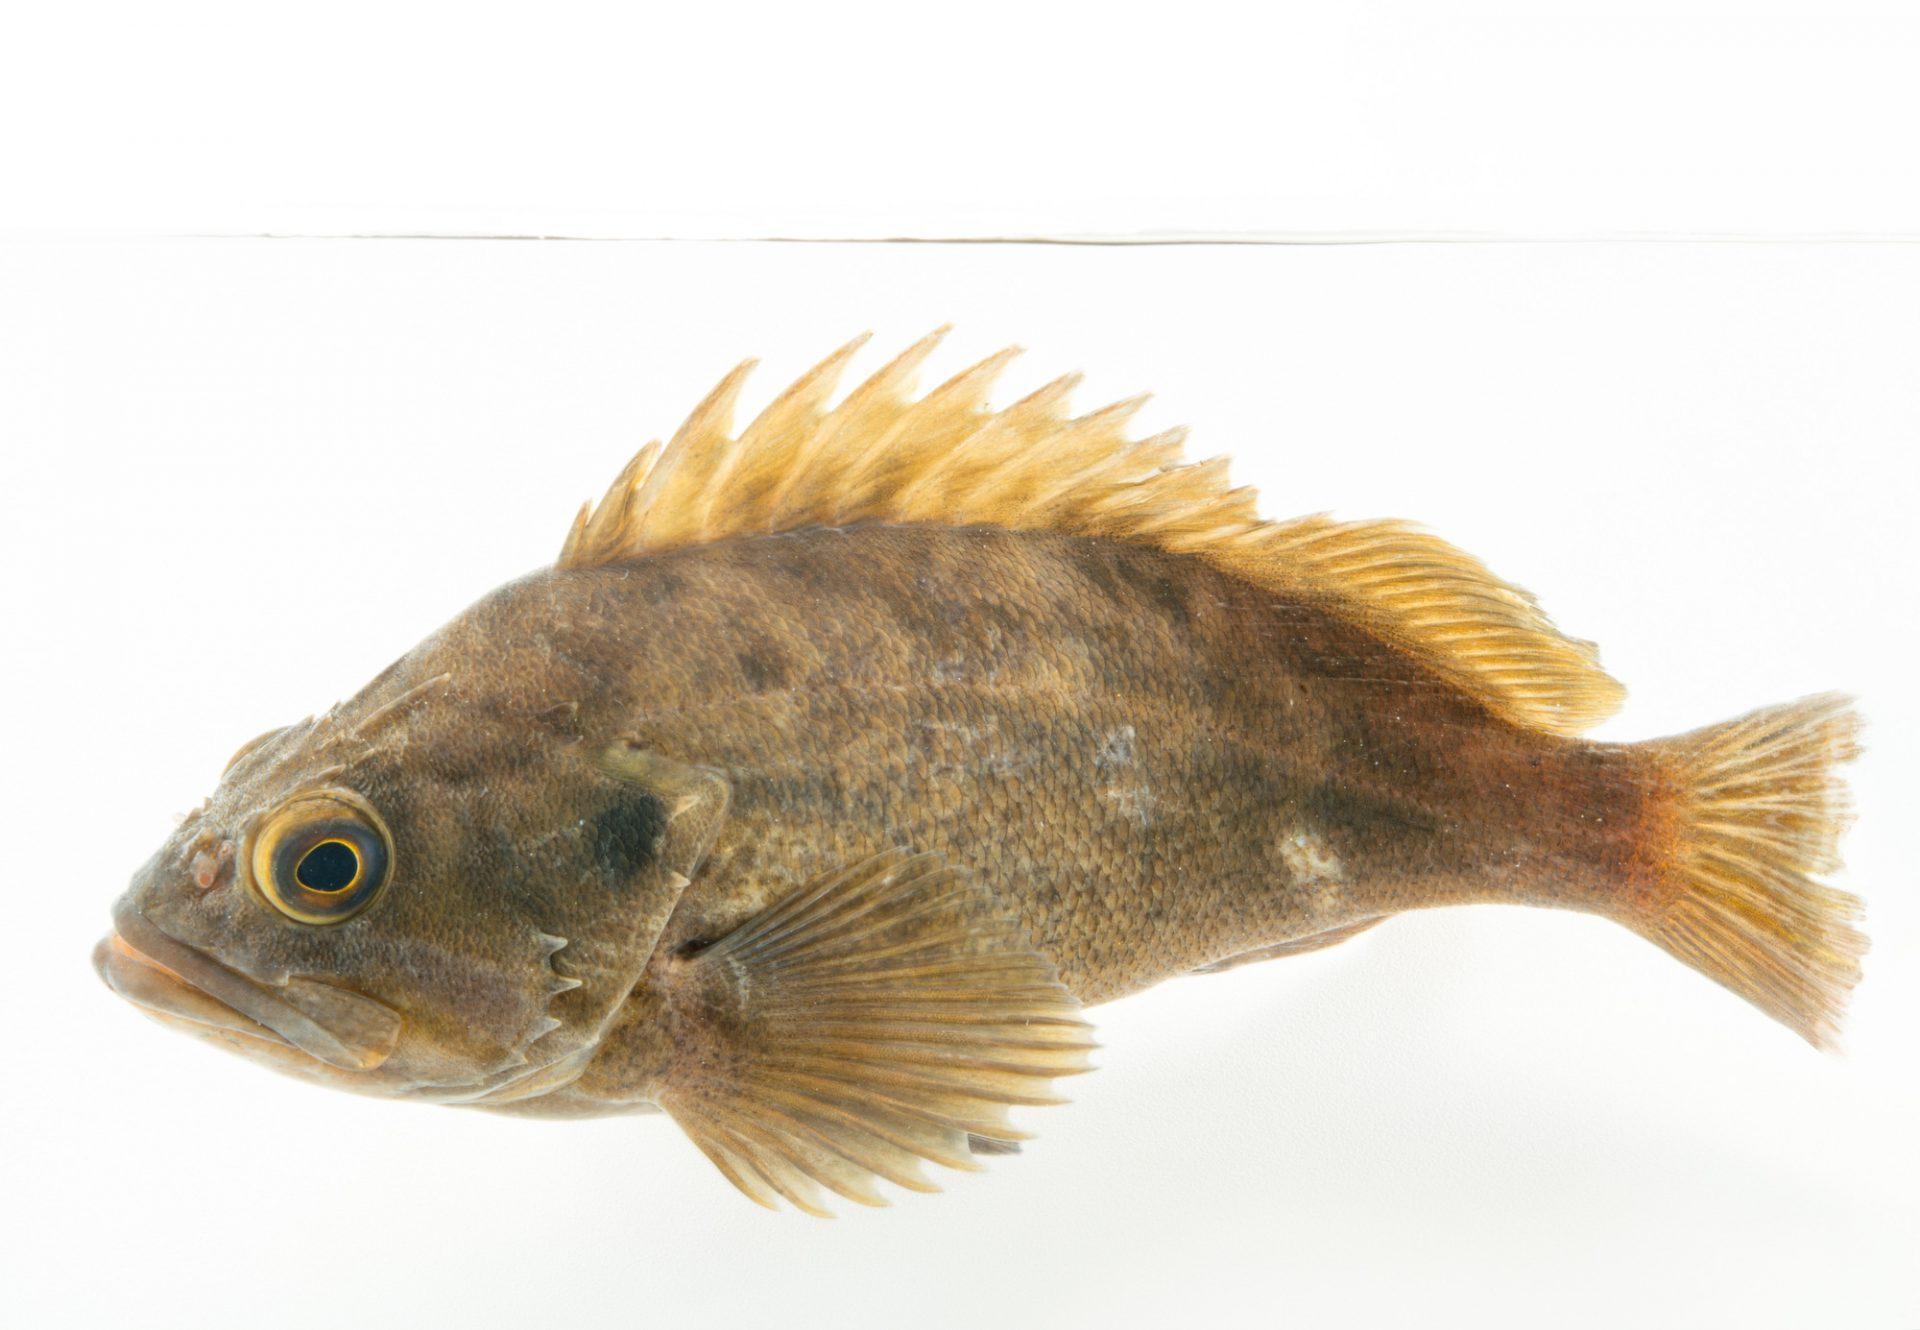 Picture of a brown rockfish (Sebastes auriculatus) at the REEF, at the University of California, Santa Barbara.